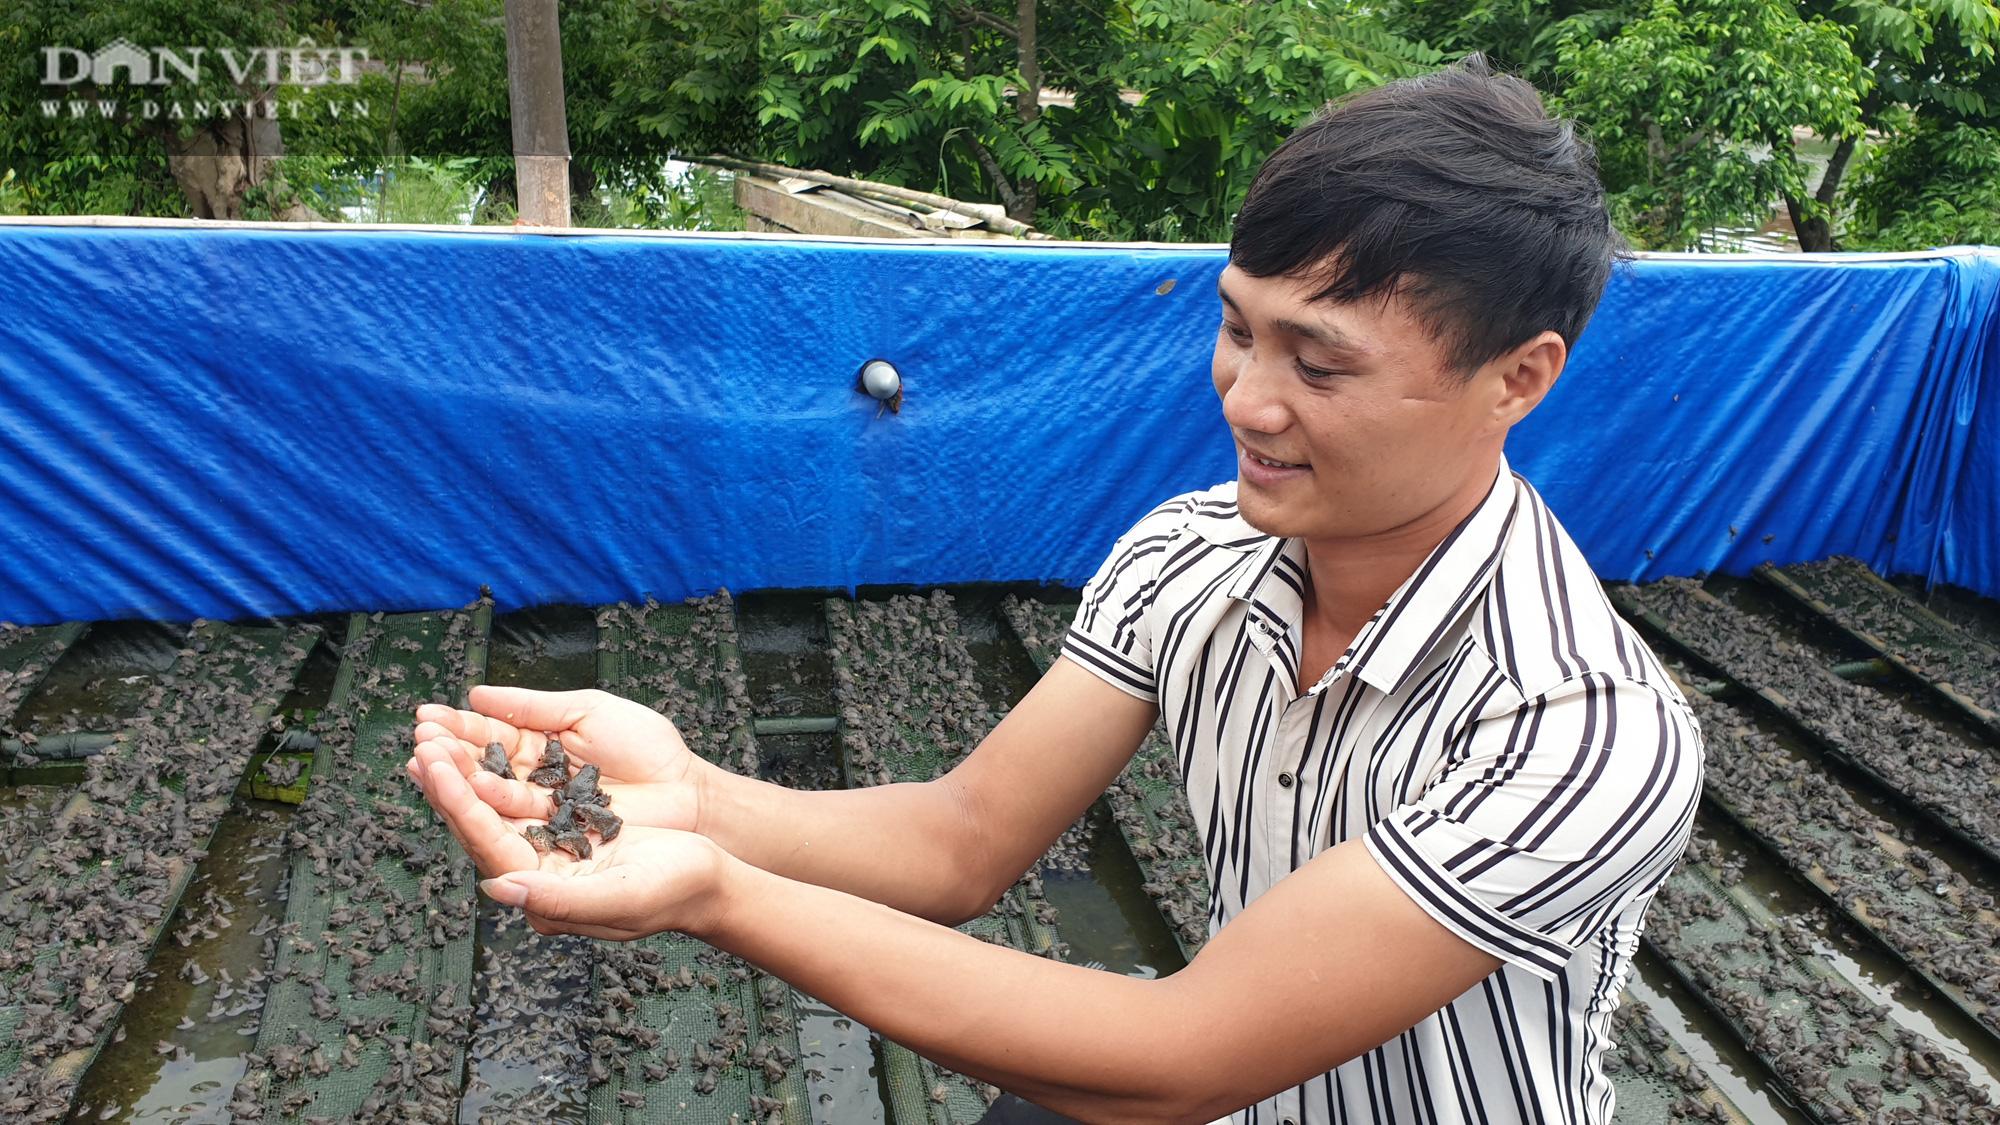 Nam Định: 9x về quê miệt mài nuôi ếch, bỏ túi gần nửa tỷ mỗi năm  - Ảnh 1.